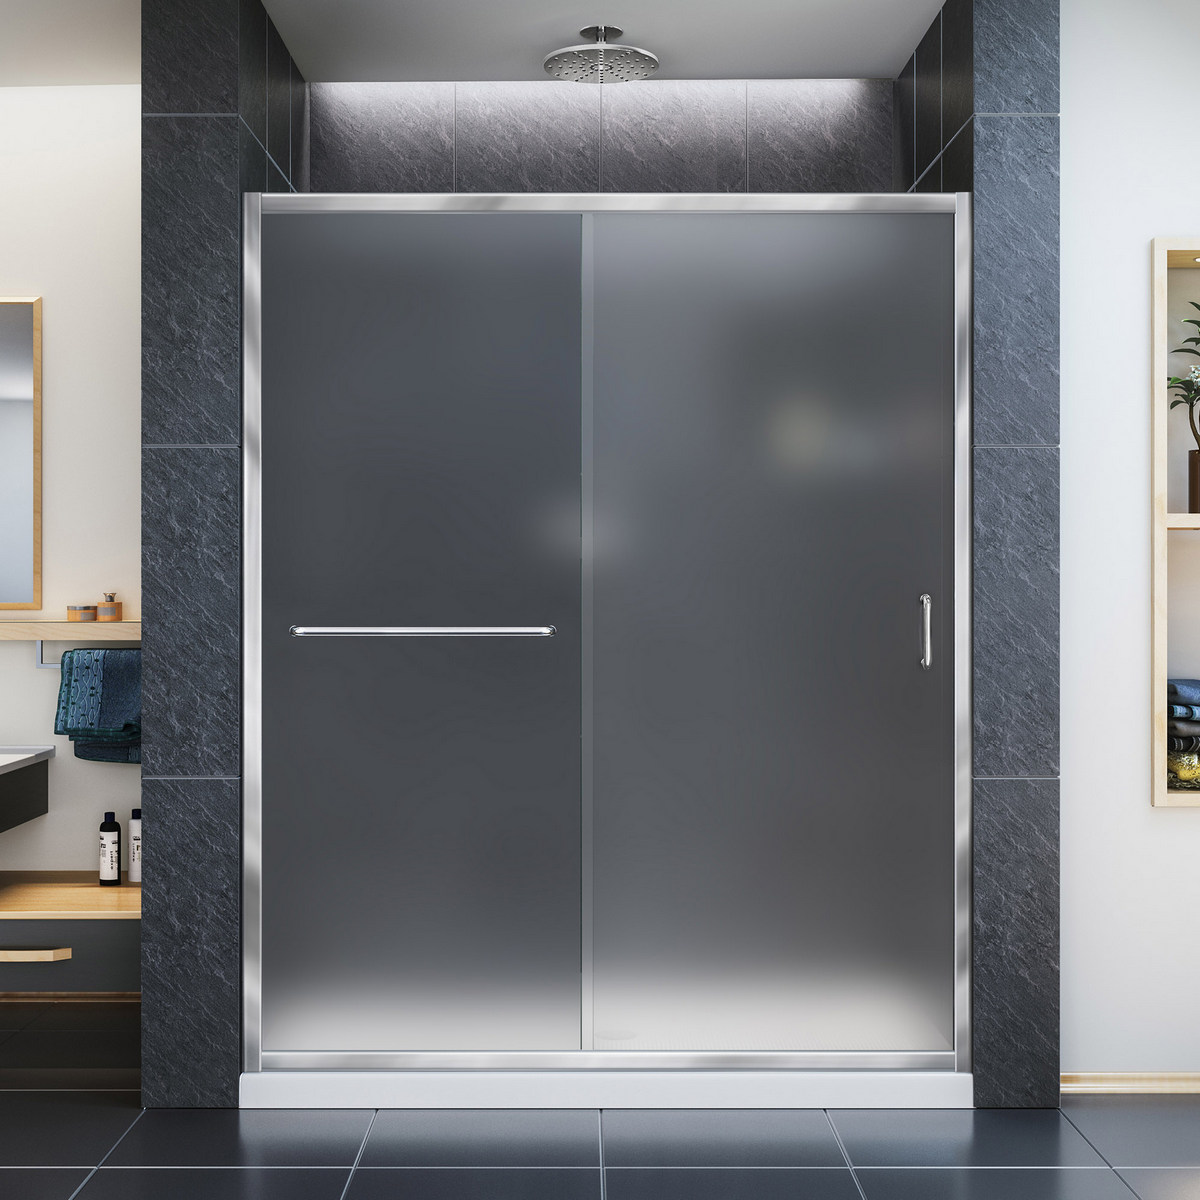 Dreamline Frosted Sliding Shower Door Chrome Right Drain Black Base